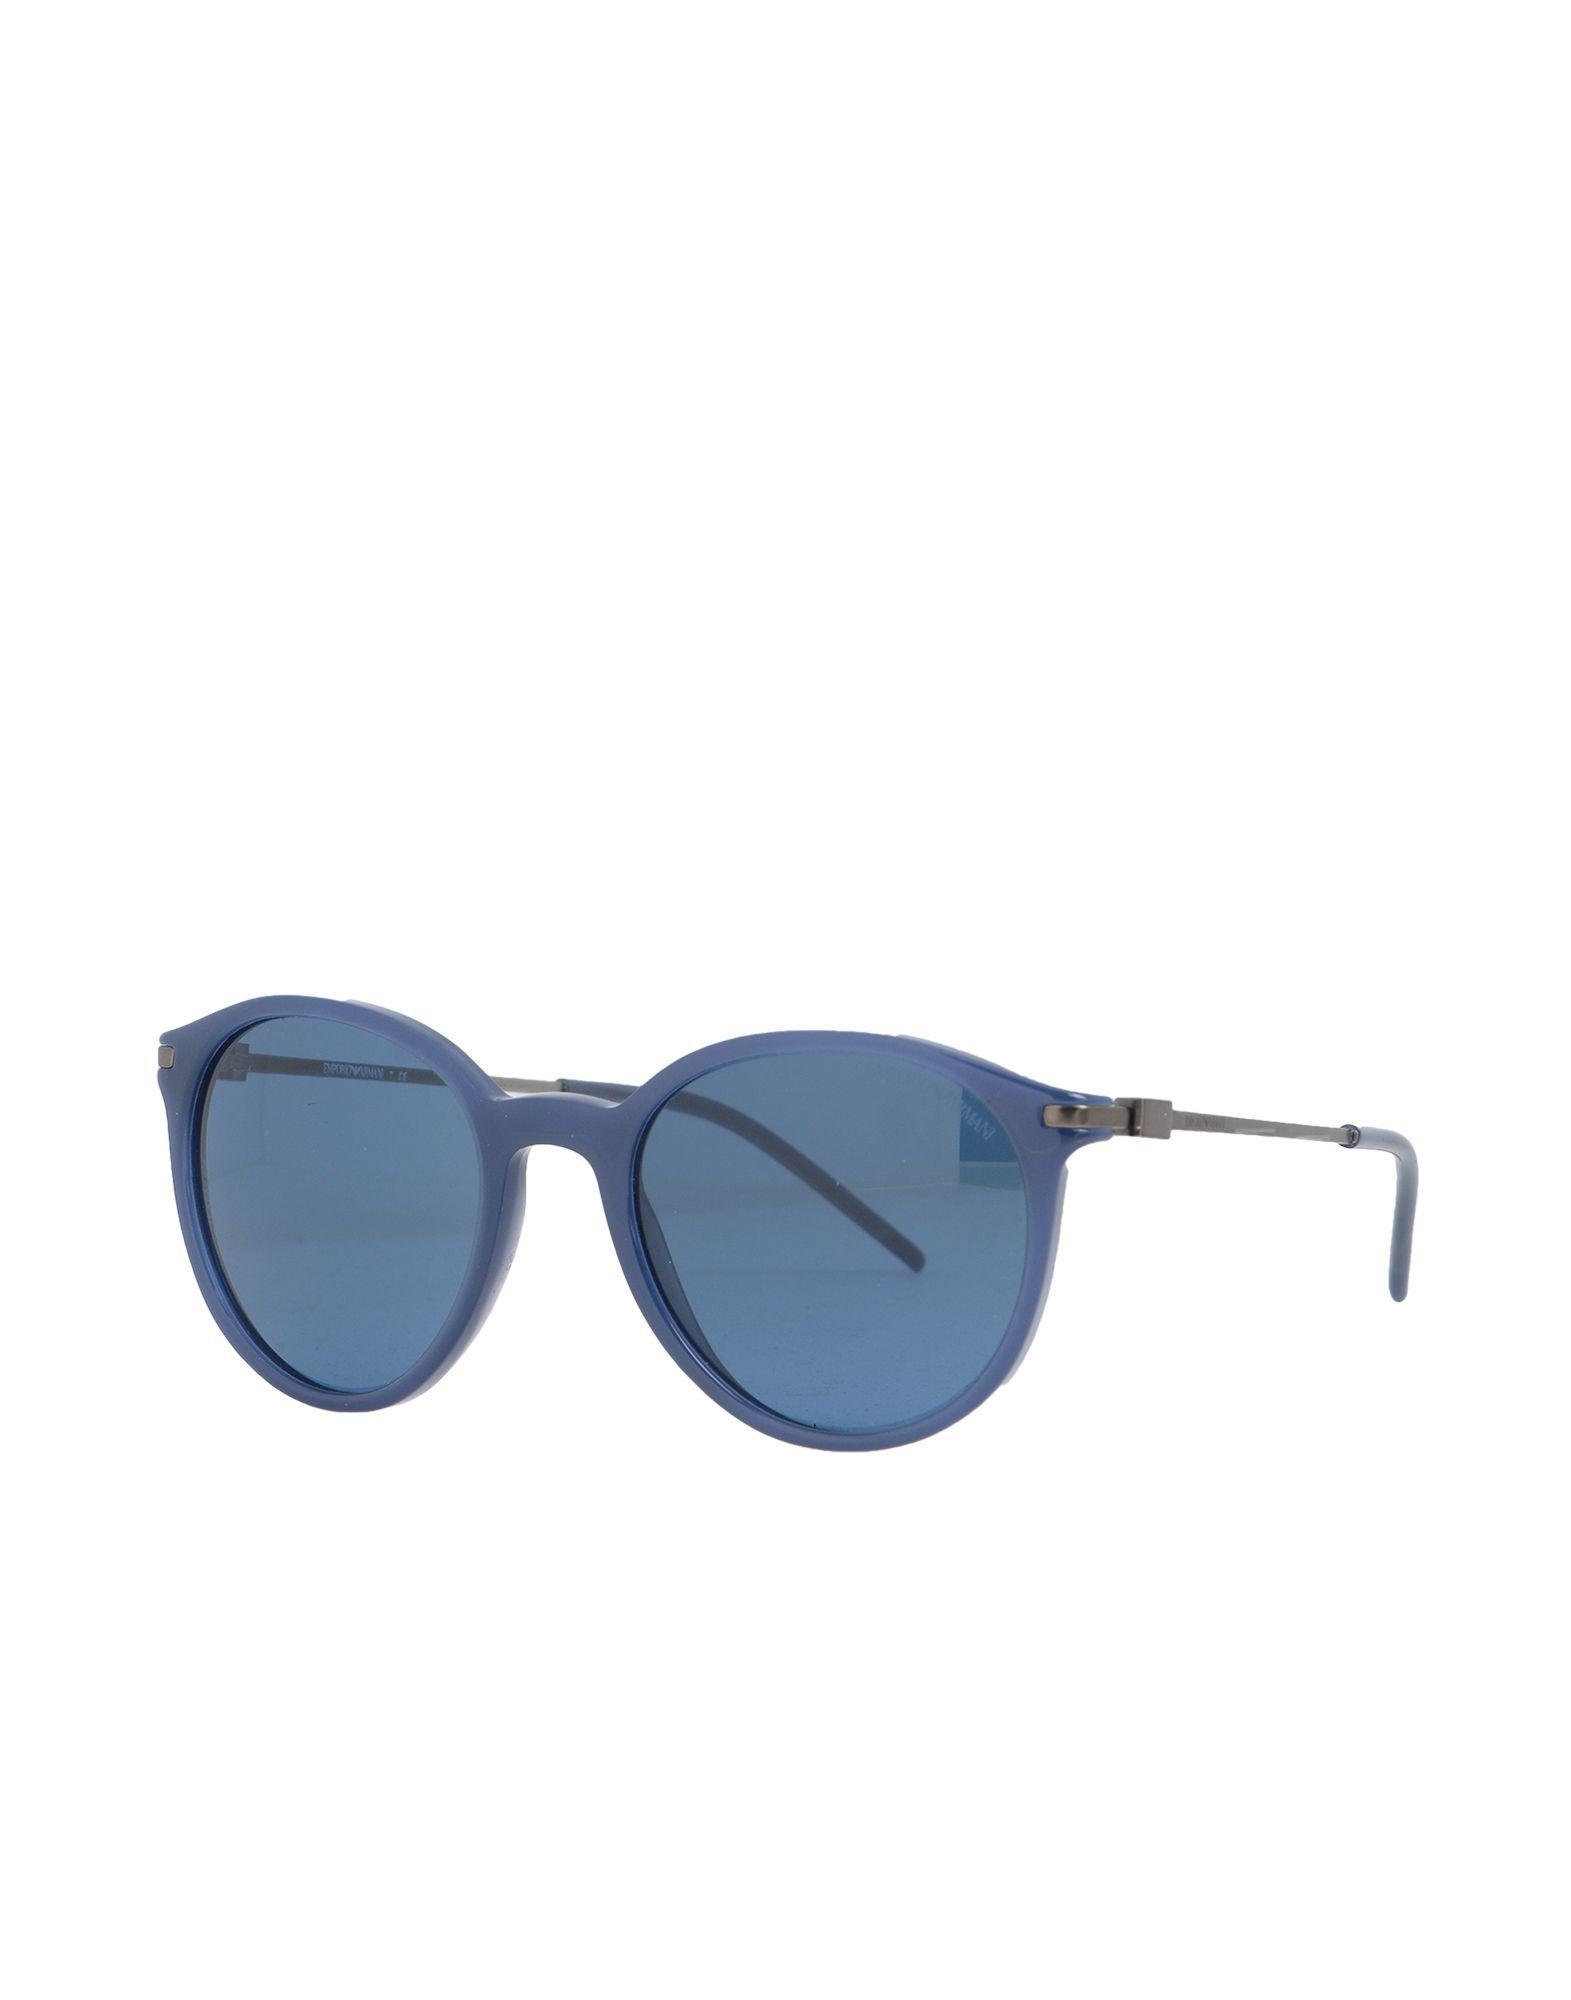 3ce2fad16e3c Emporio Armani - Blue Sunglasses - Lyst. View fullscreen